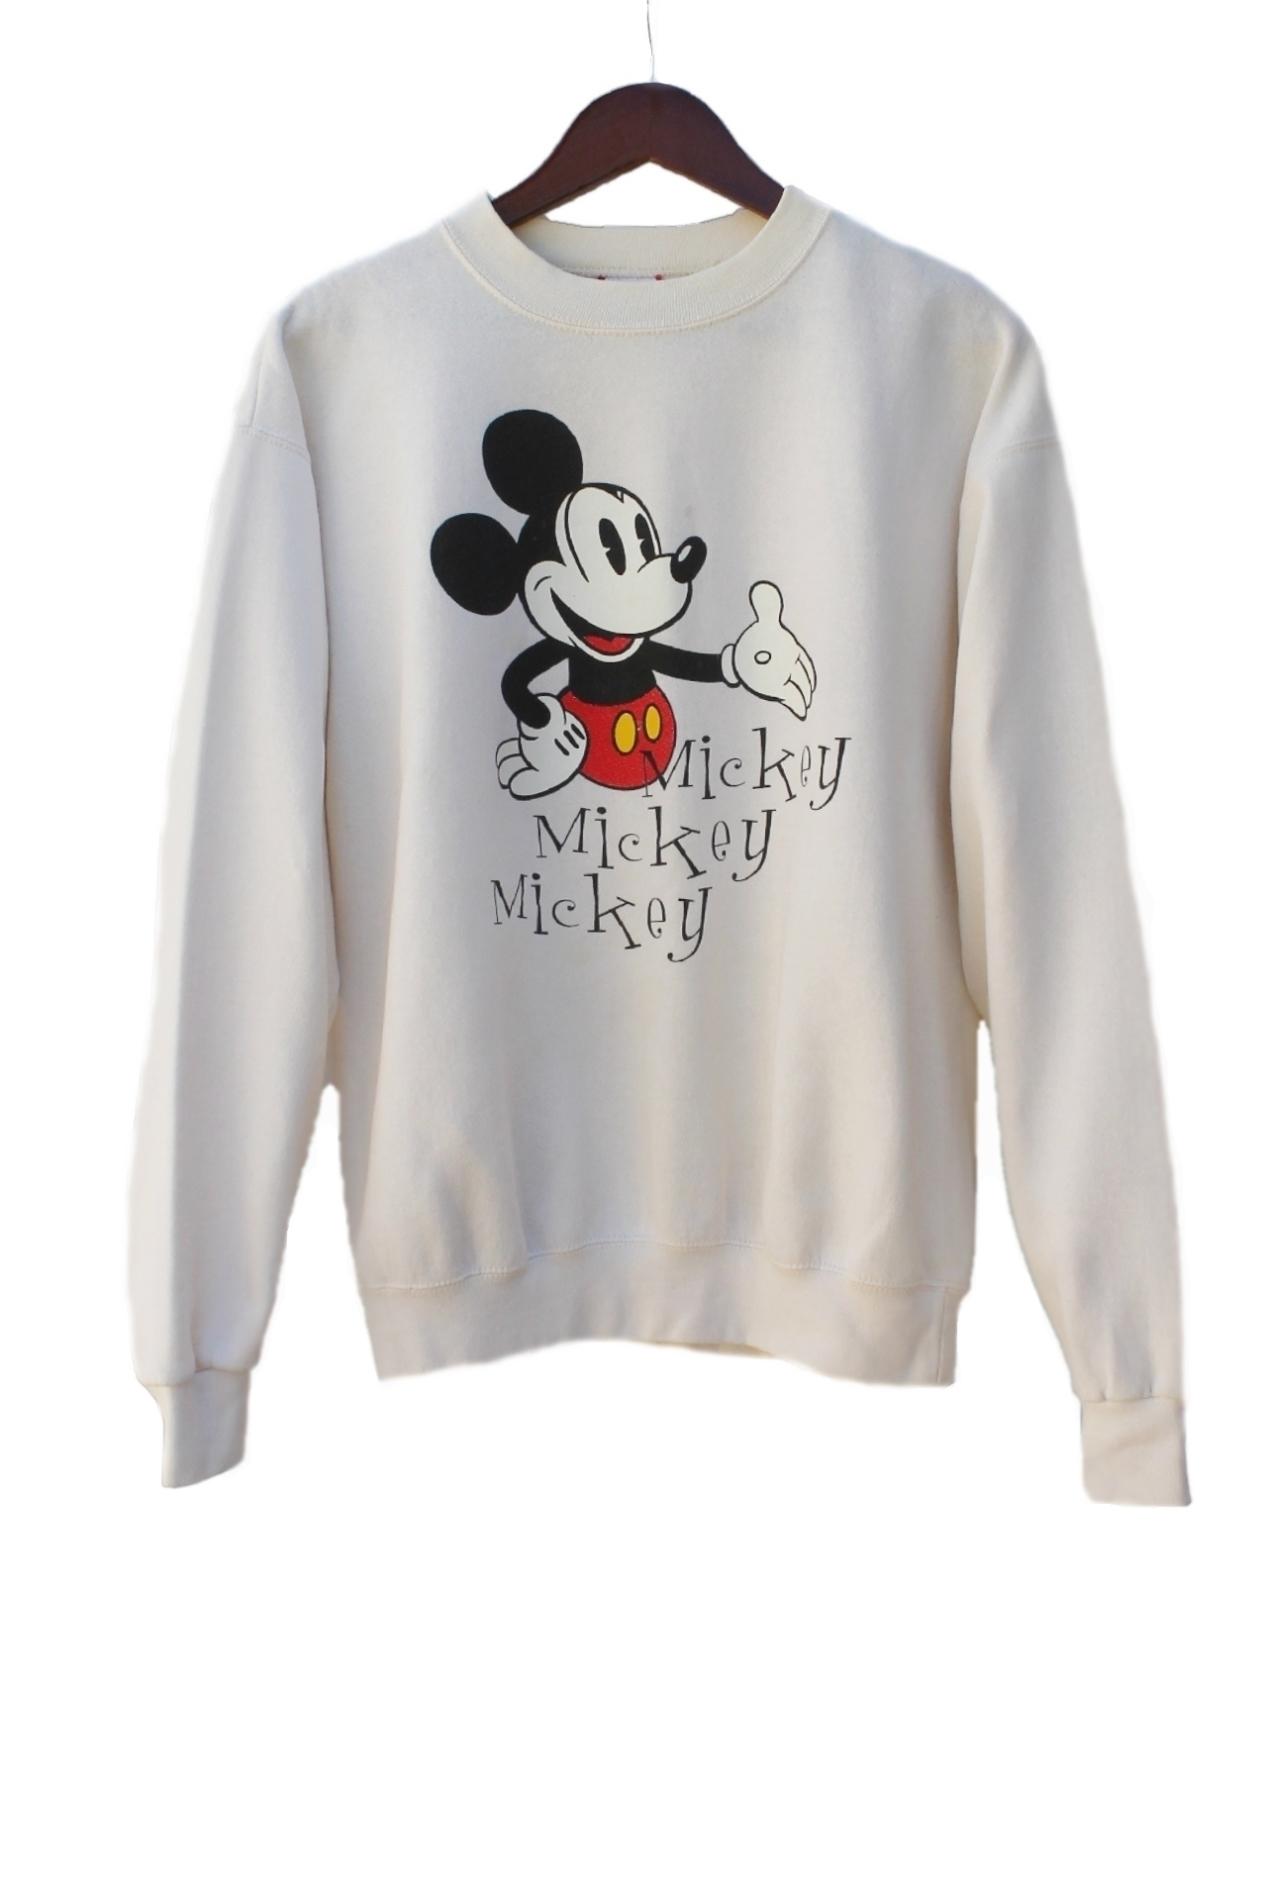 Mickey mickey mickey pullover